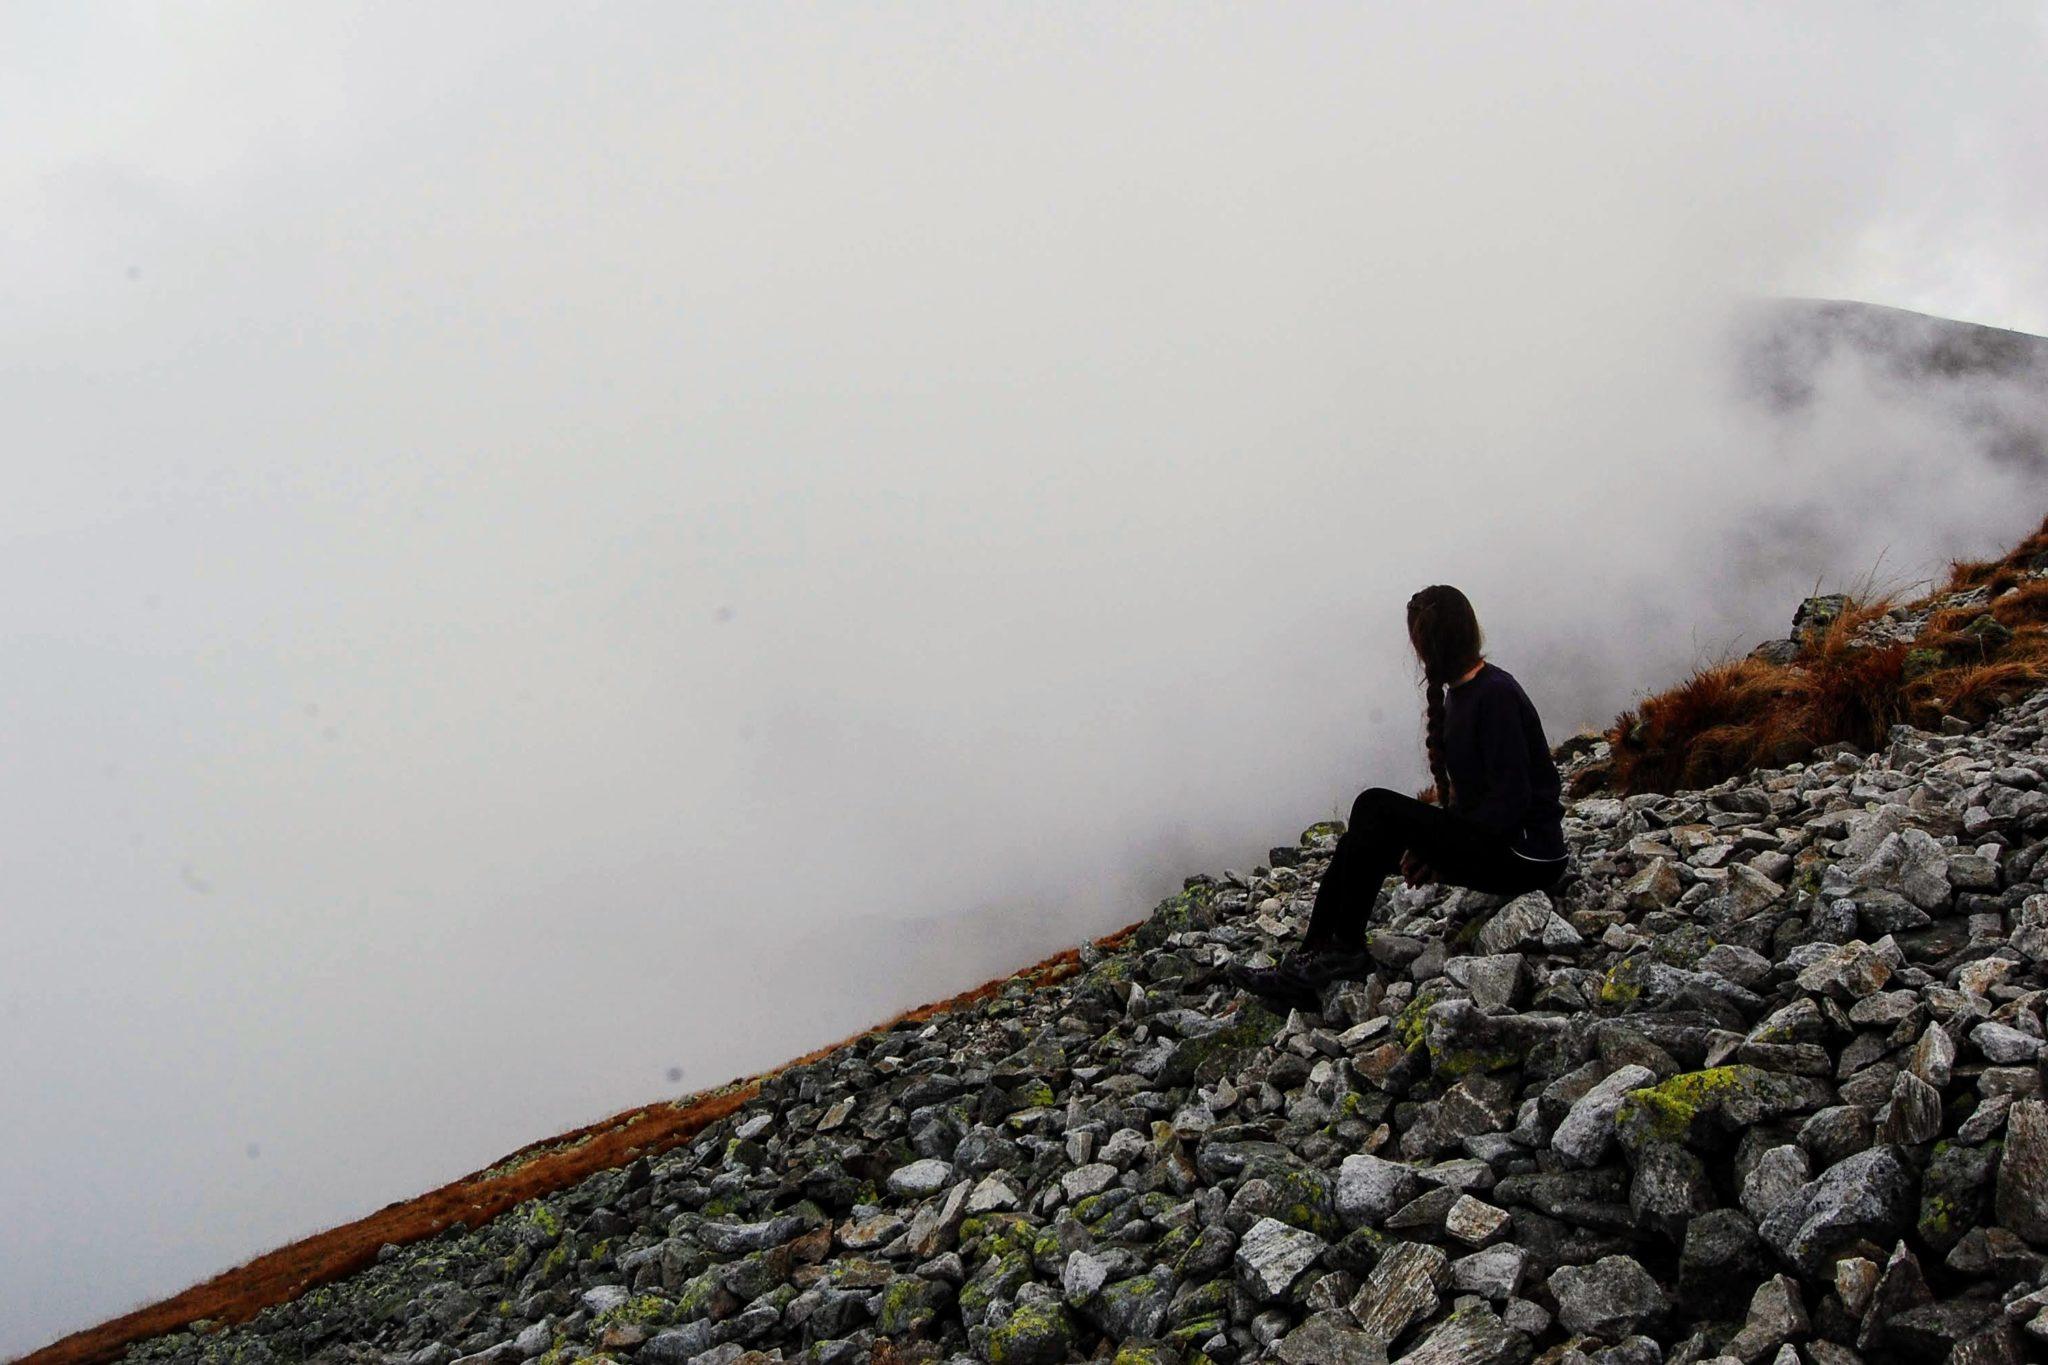 Kobieta siedzi w mgle na Kopie Kondrackiej